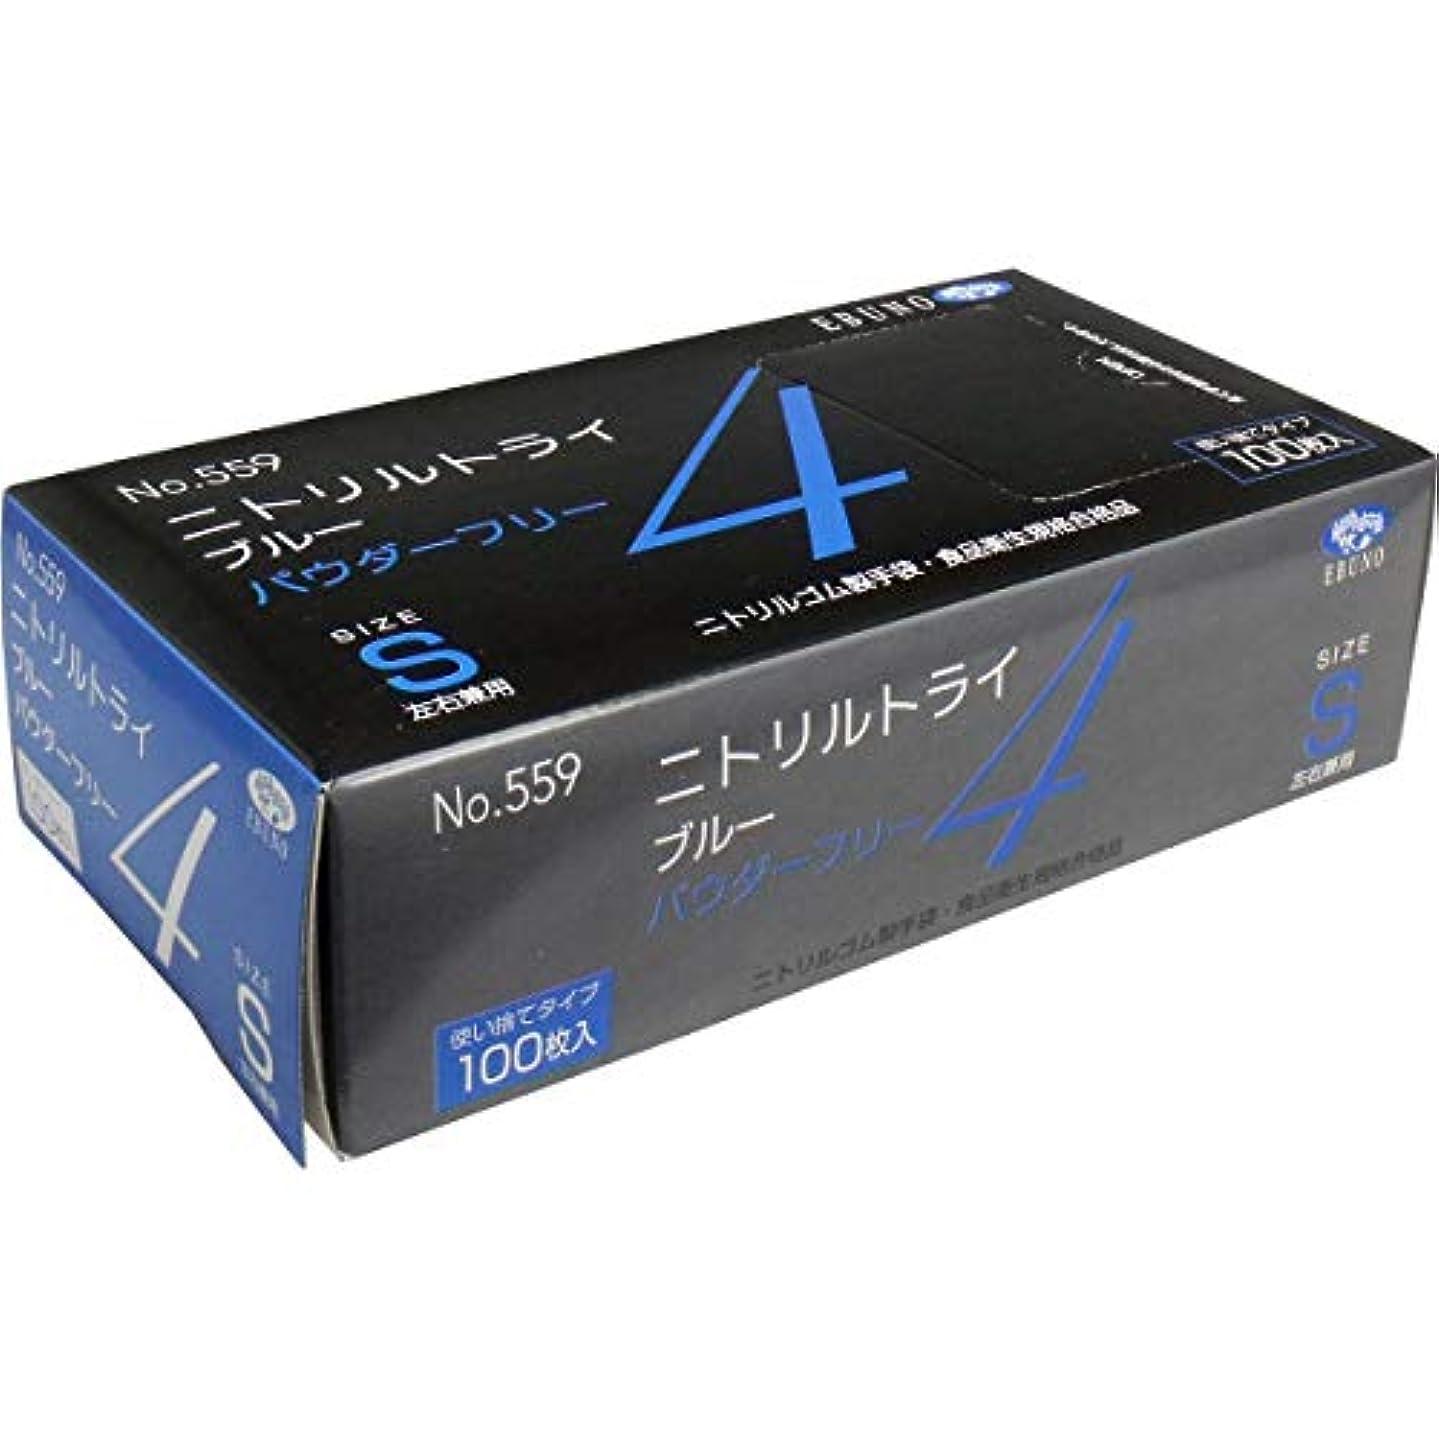 努力するシンプルな生産性ニトリルトライ4 手袋 ブルー パウダーフリー Sサイズ 100枚入(単品)